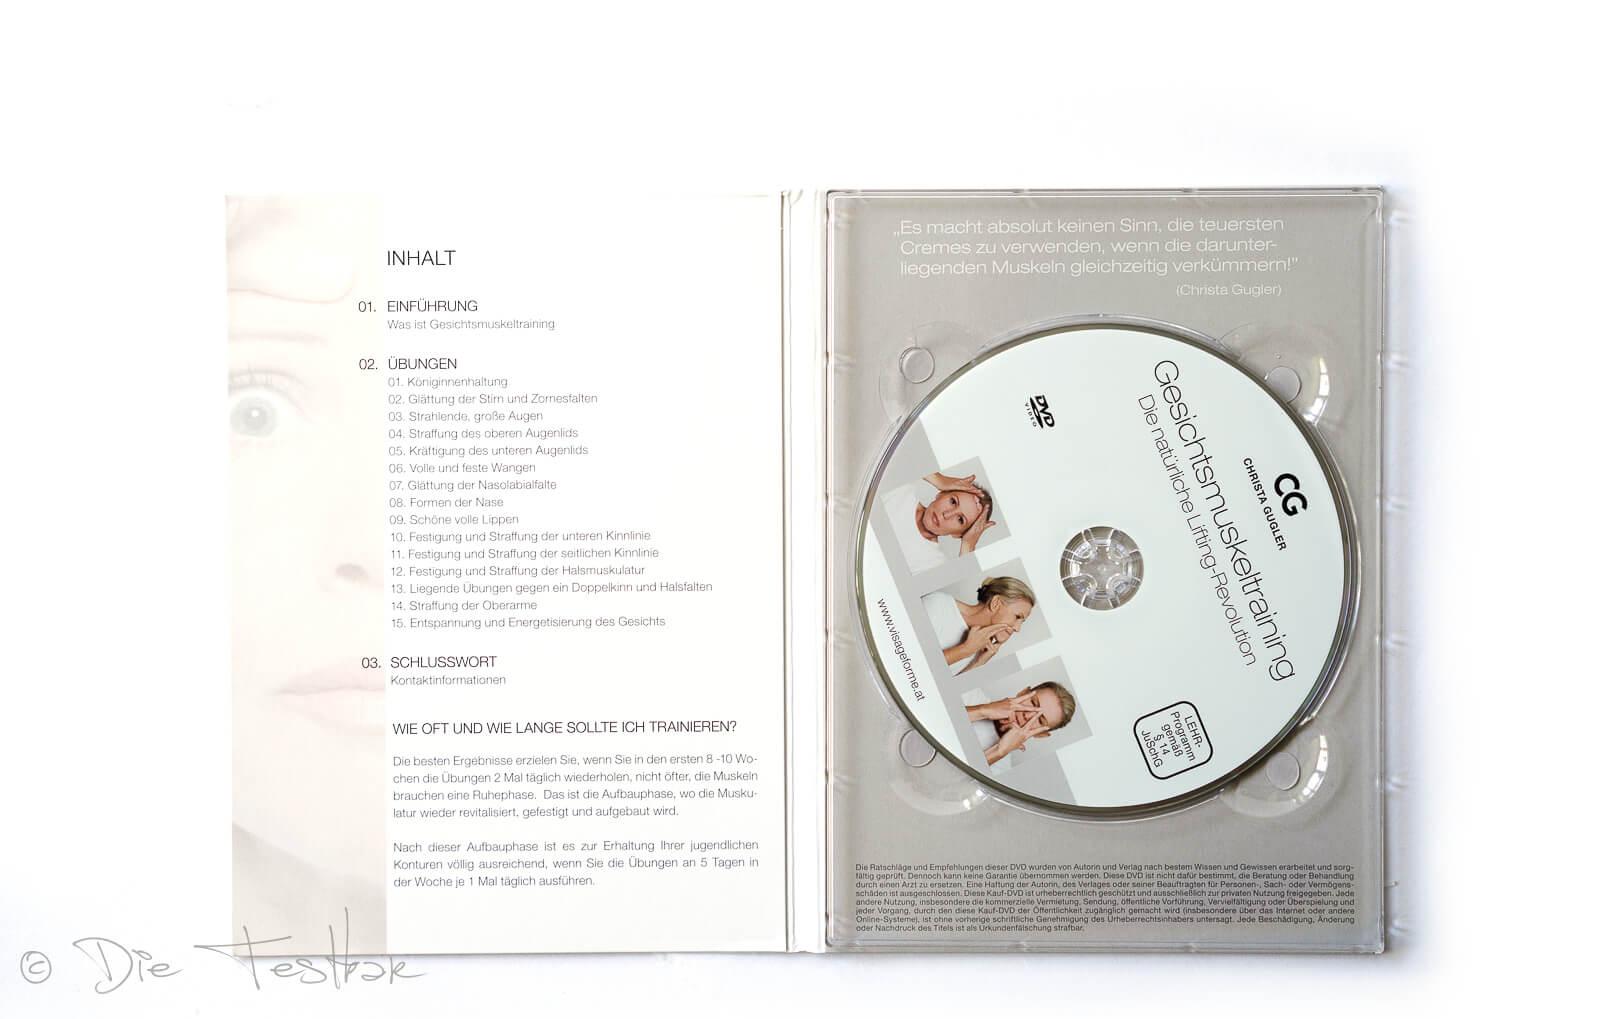 DVD zum Buch: Gesichtsmuskeltraining Die natürliche Lifting-Revolution